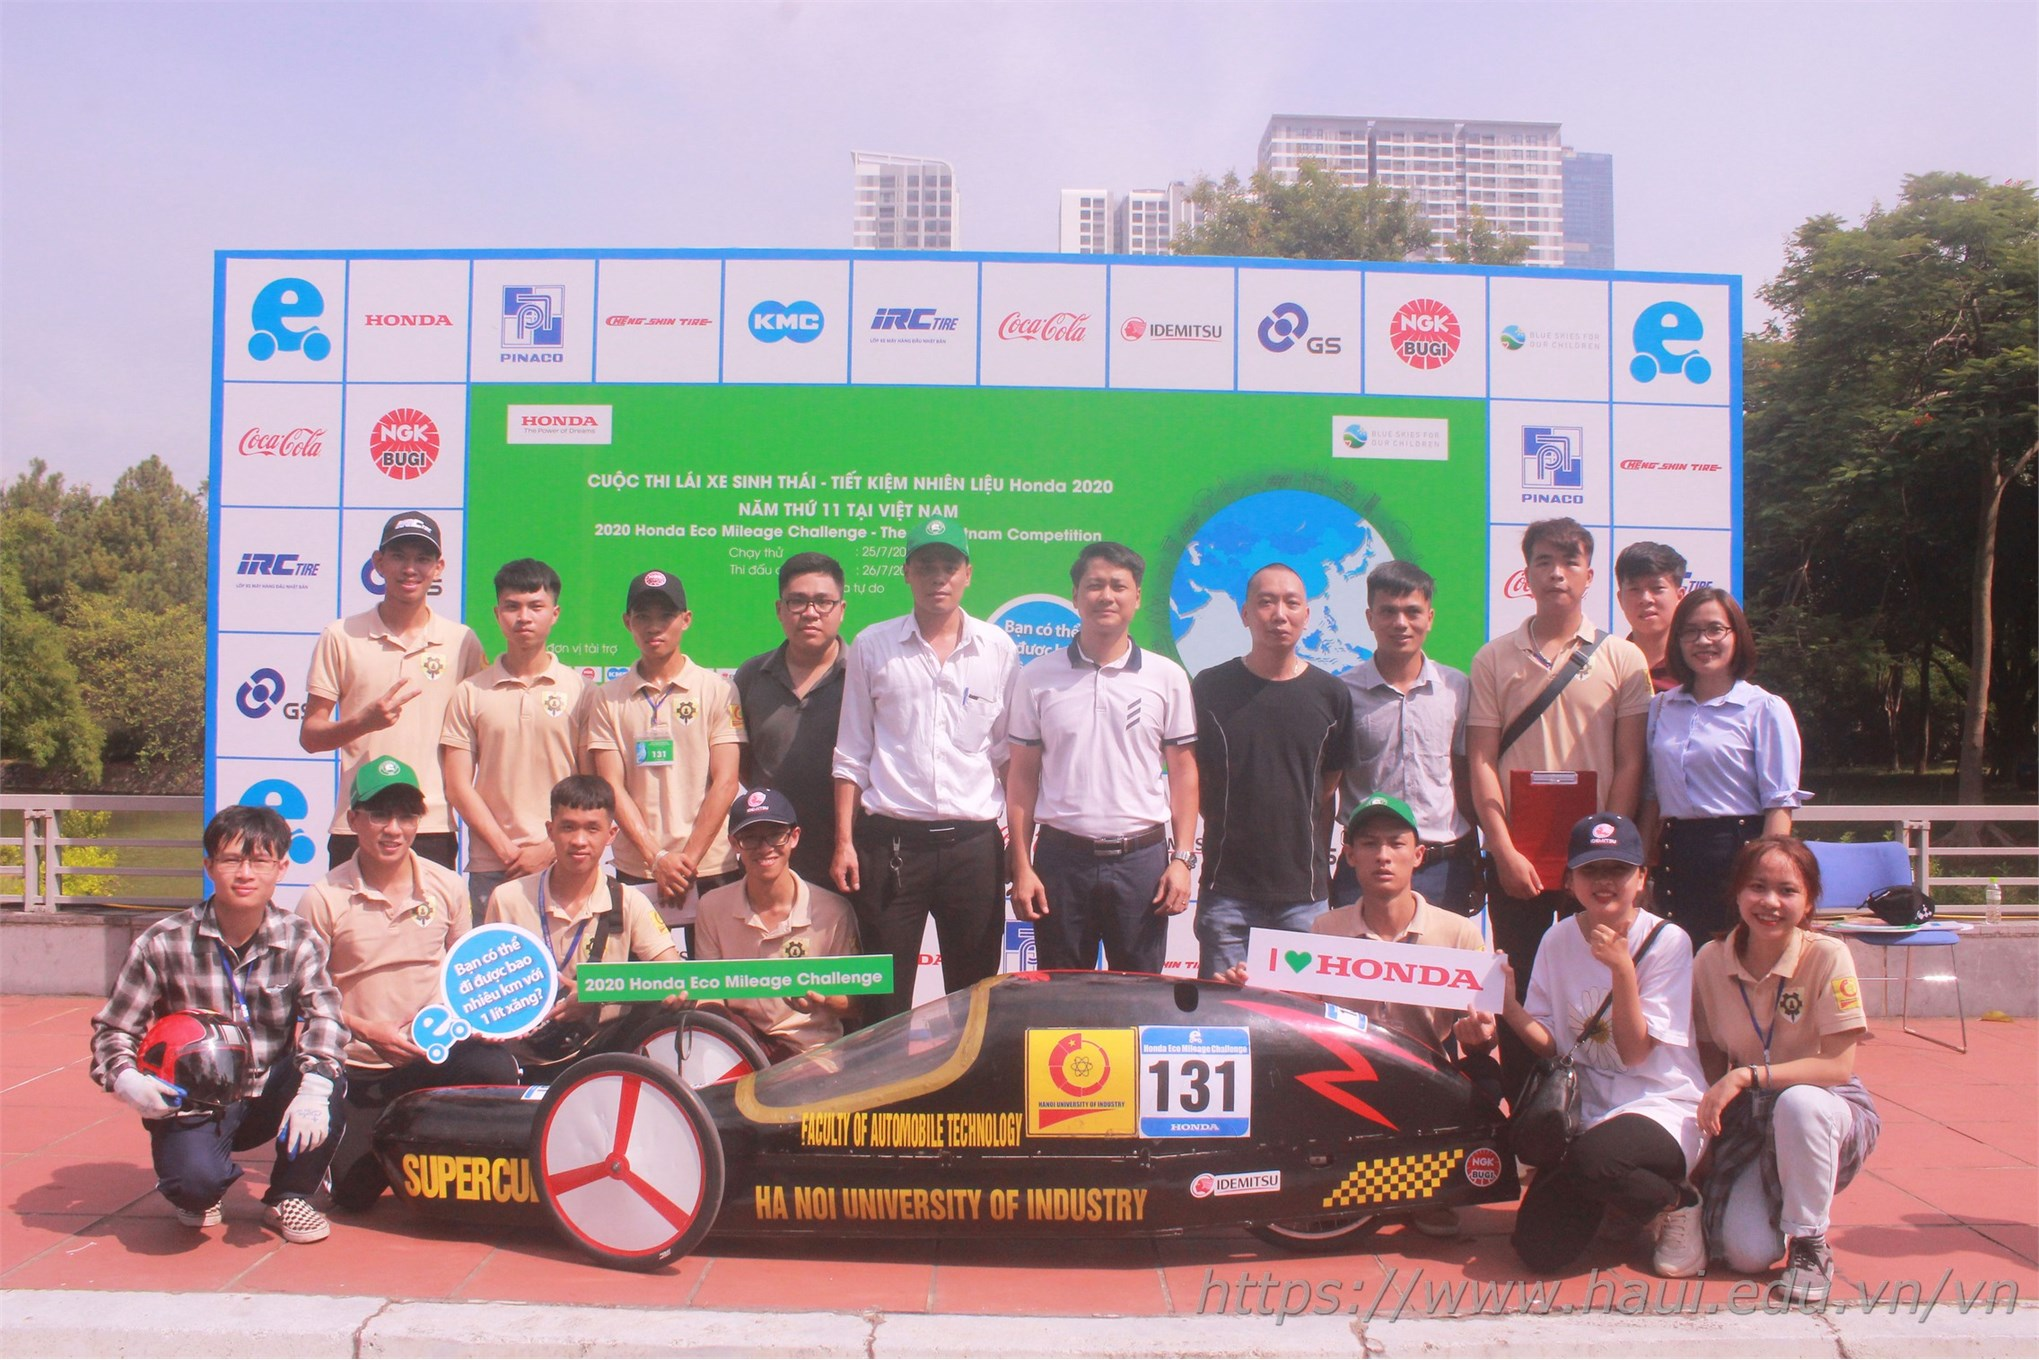 Cùng chúc mừng cho chiến thắng của đội tuyển Supercup 50 - Khoa Công nghệ Ô tô, và chúc cho các em sinh viên khoa Công nghệ Ô tô nói riêng, sinh viên Đại học Công nghiệp Hà Nội nói chung luôn giữ vững nhiệt huyết, ngọn lửa đam mê để tiếp tục thực hiện ước mơ của mình.